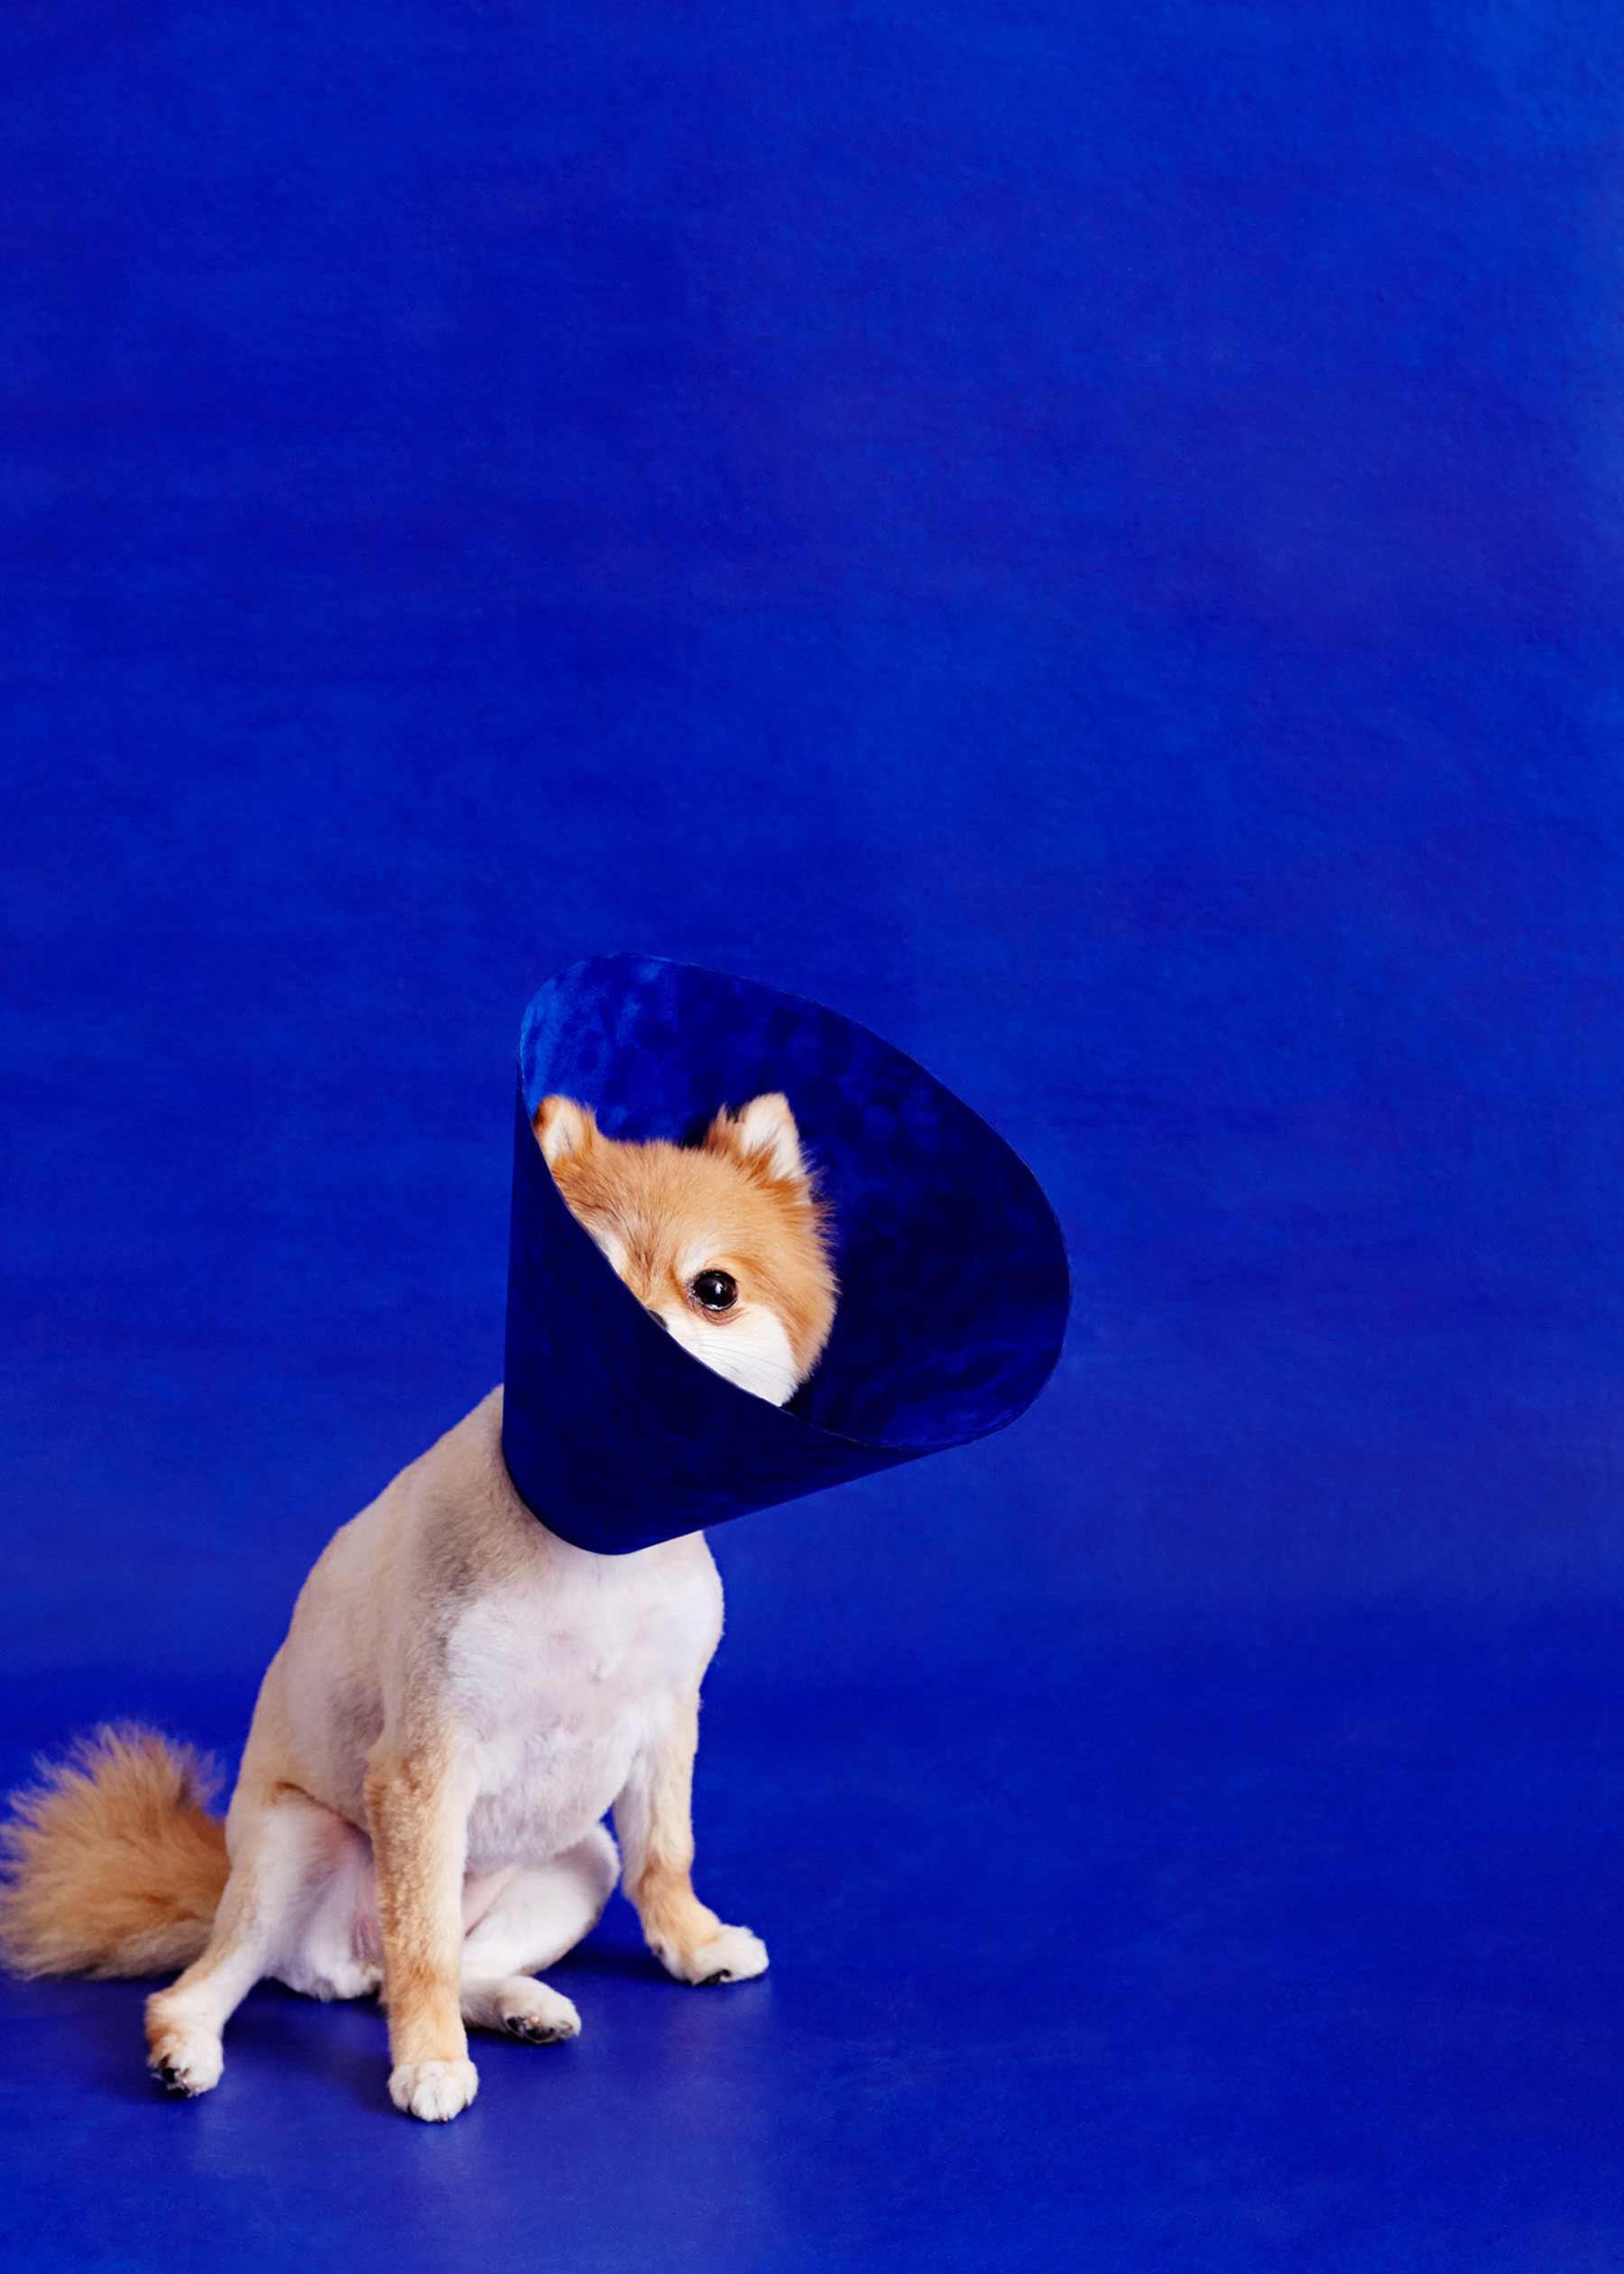 Ausgefallene Schutzkragen für Hunde cone-of-shame-winnie-au-Marie-yan-morvan_09